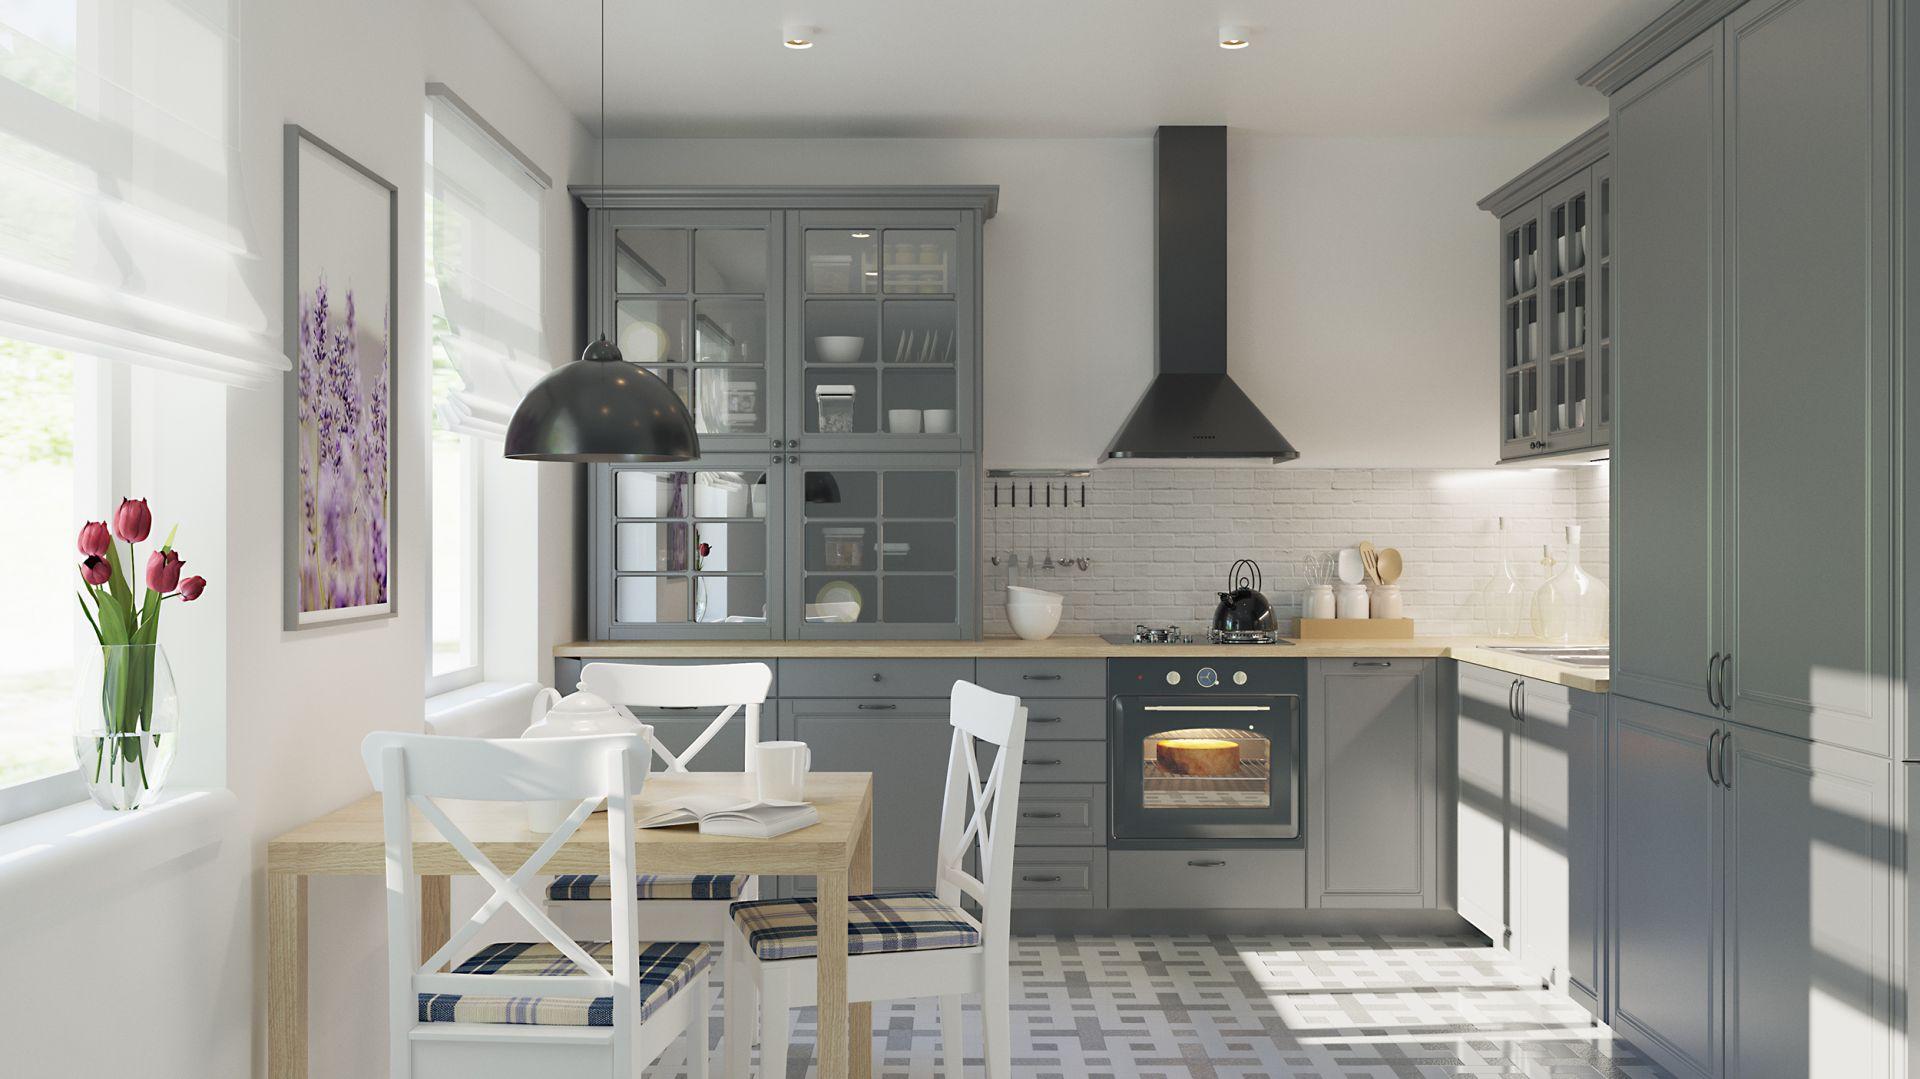 Aranżacja Kuchni 12 Idealnych Pomysłów